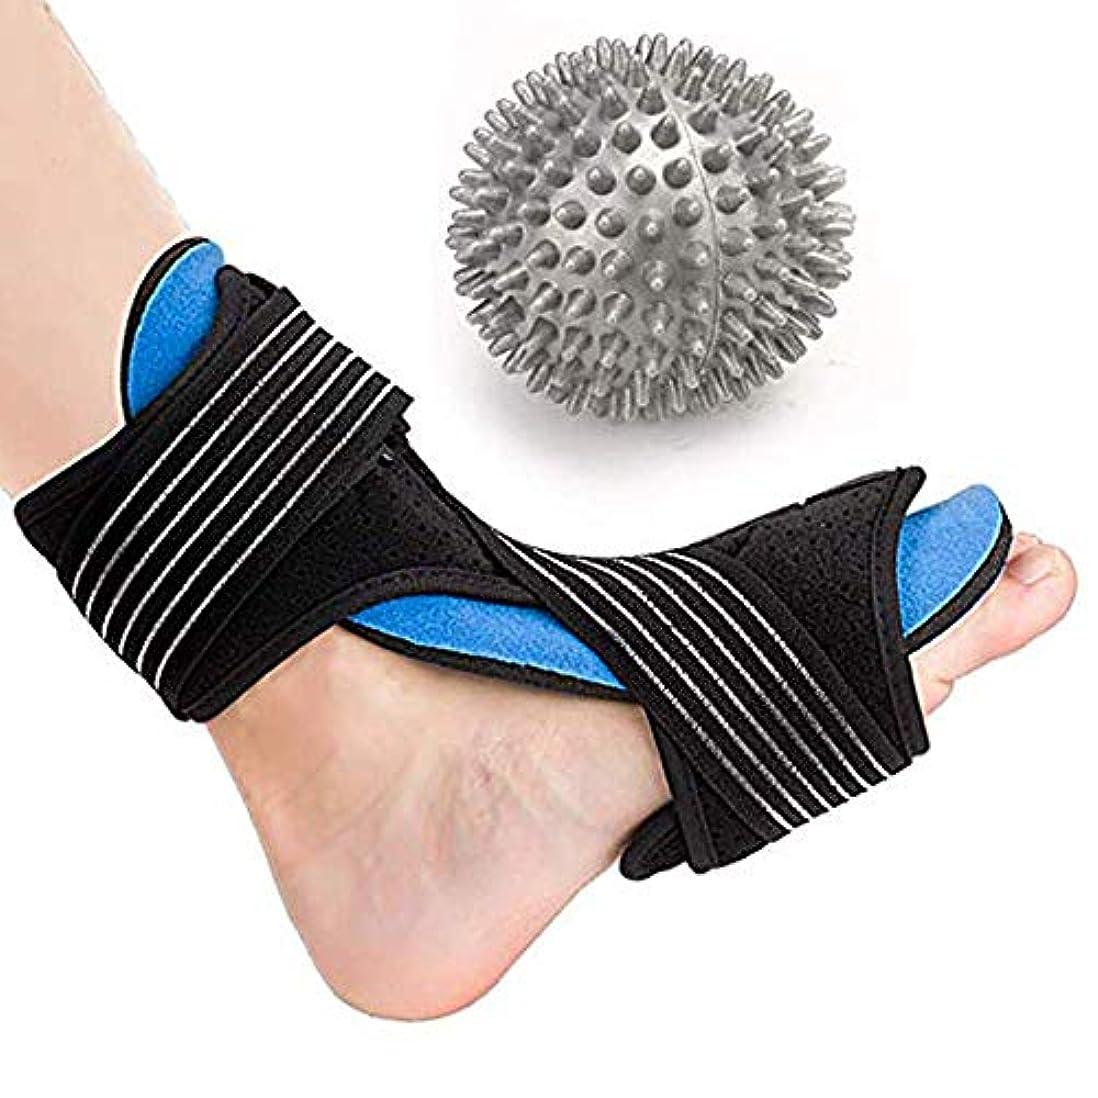 怖がって死ぬ軍艦壮大な足底筋膜炎の痛み、かかとの痛み、アーチの足の痛み、足のドロップの装具を効果的に緩和するための足底筋膜炎ナイトスプリント、ハードスパイキーマッサージボールアーチ付きの睡眠サポート